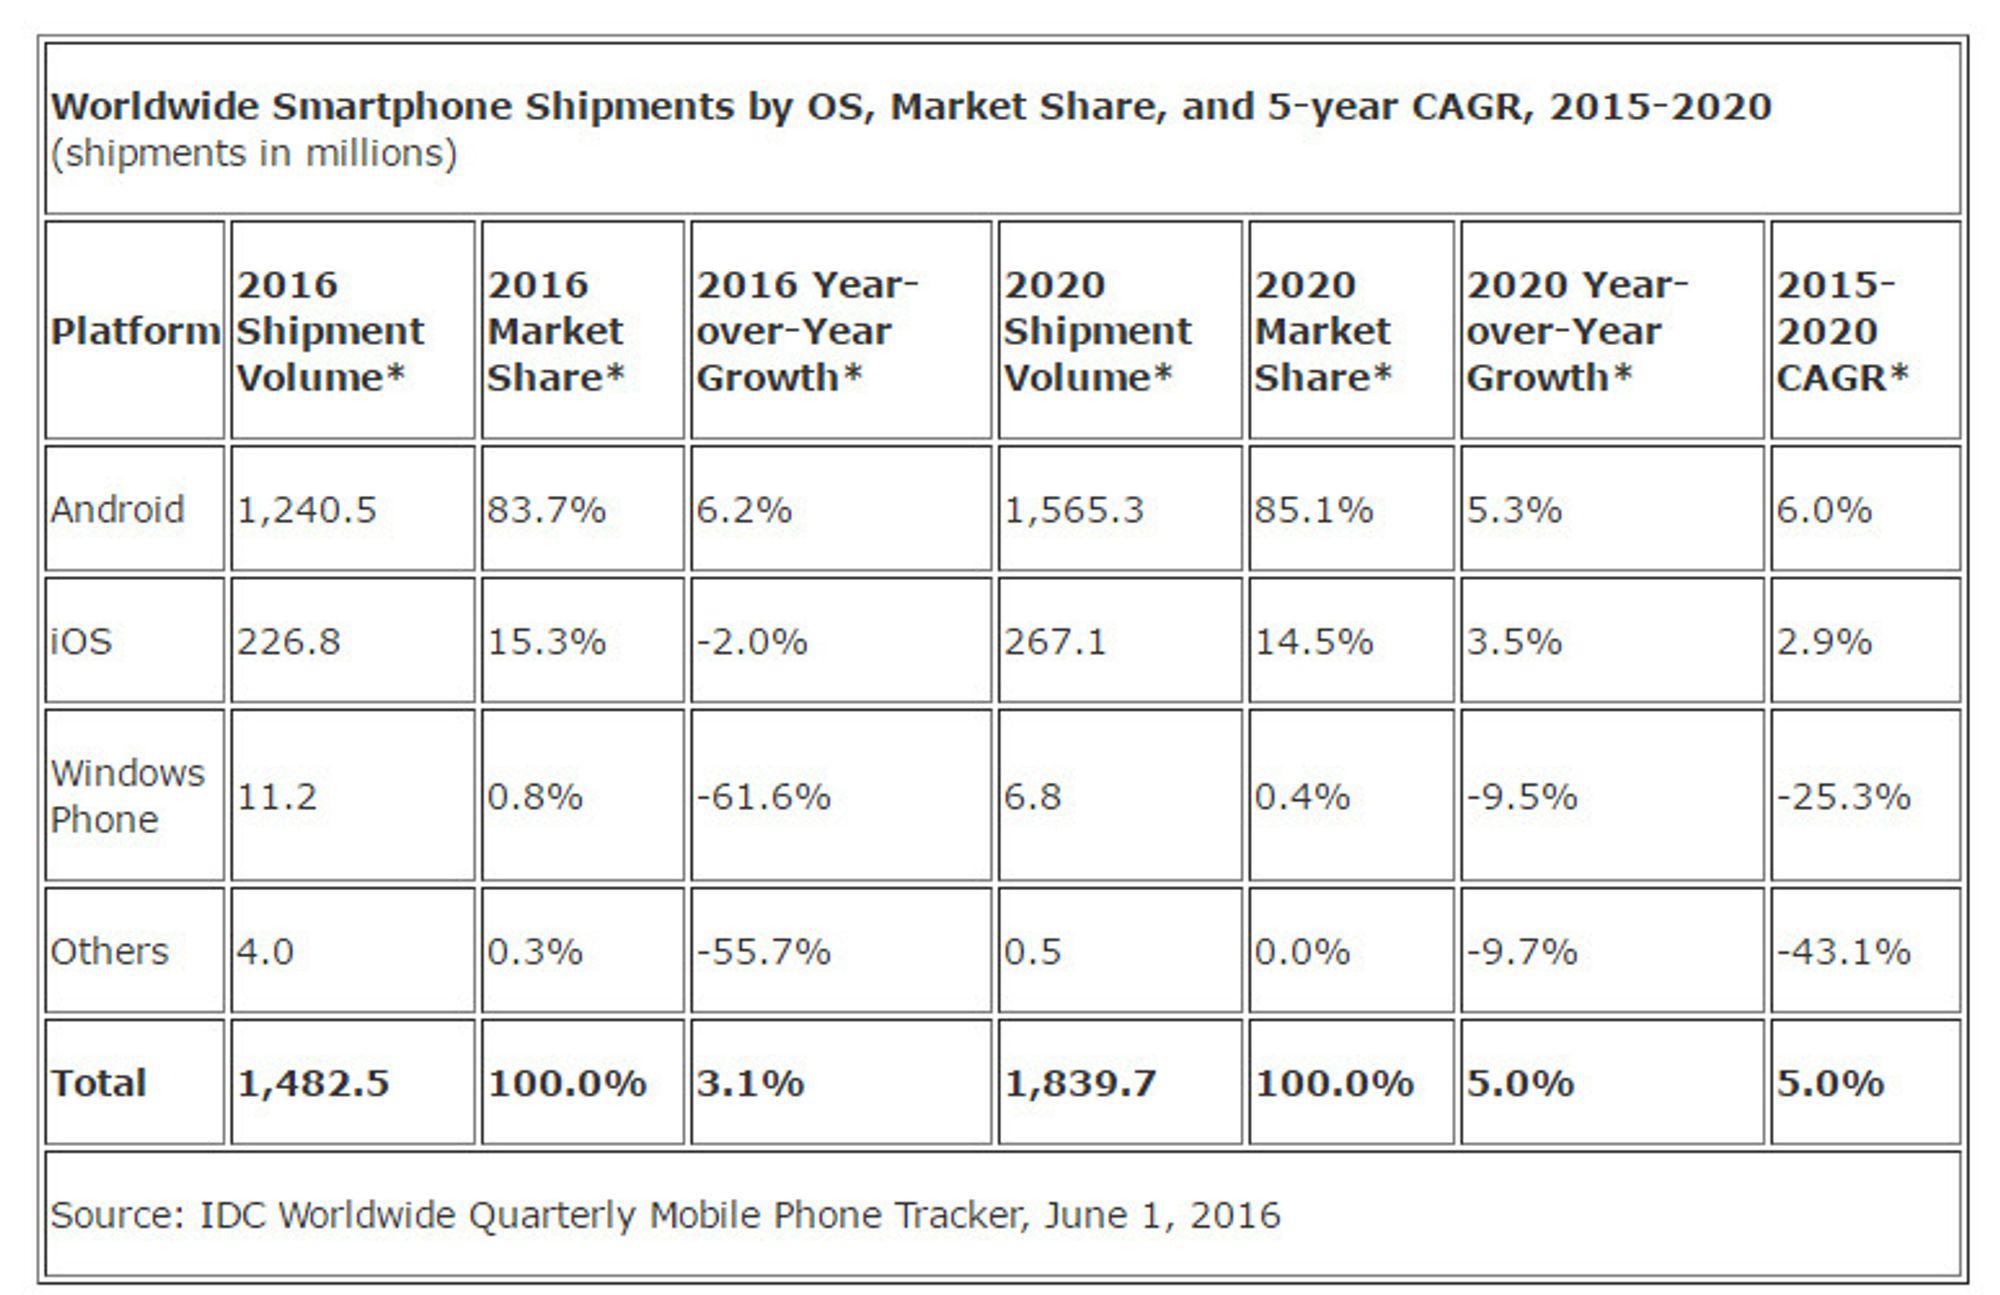 IDCs oppdaterte prognose for leveranser av smartmobiler globalt i 2015 til 2020.